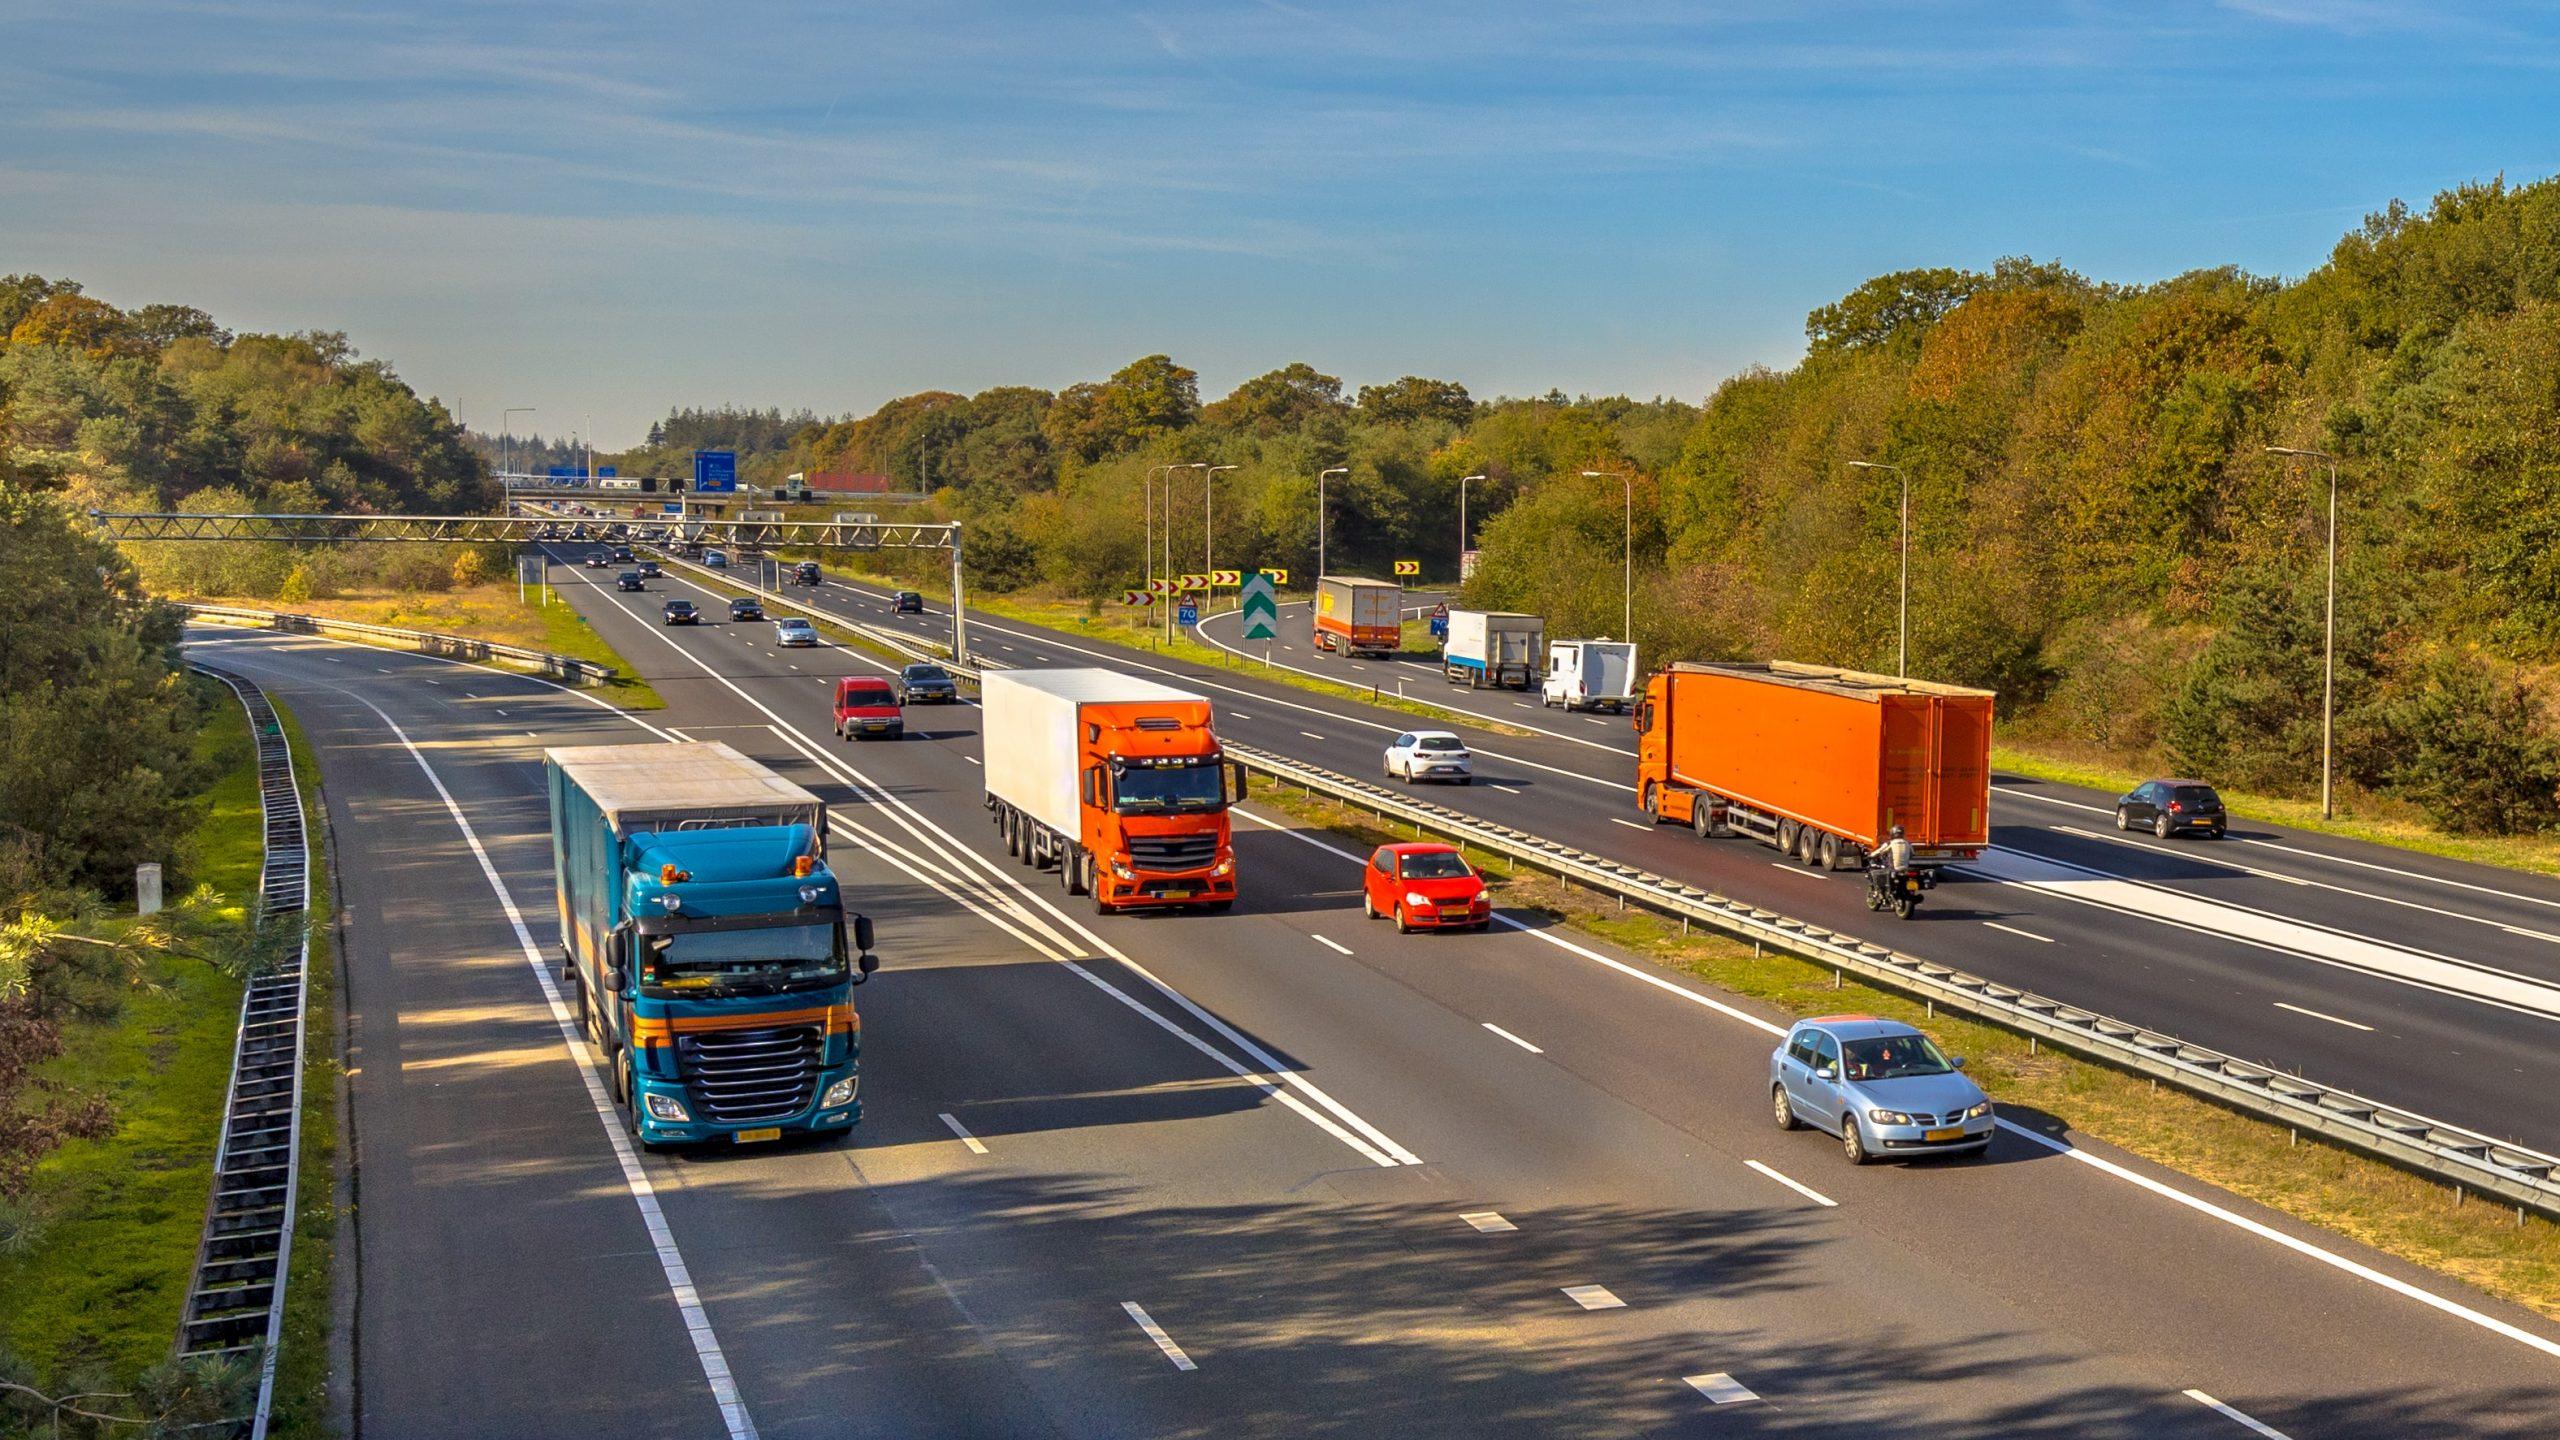 Укравтодор управлятиме дорогами загального користування державного значення  | LexInform - Правові новини, юридична практика, коментарі